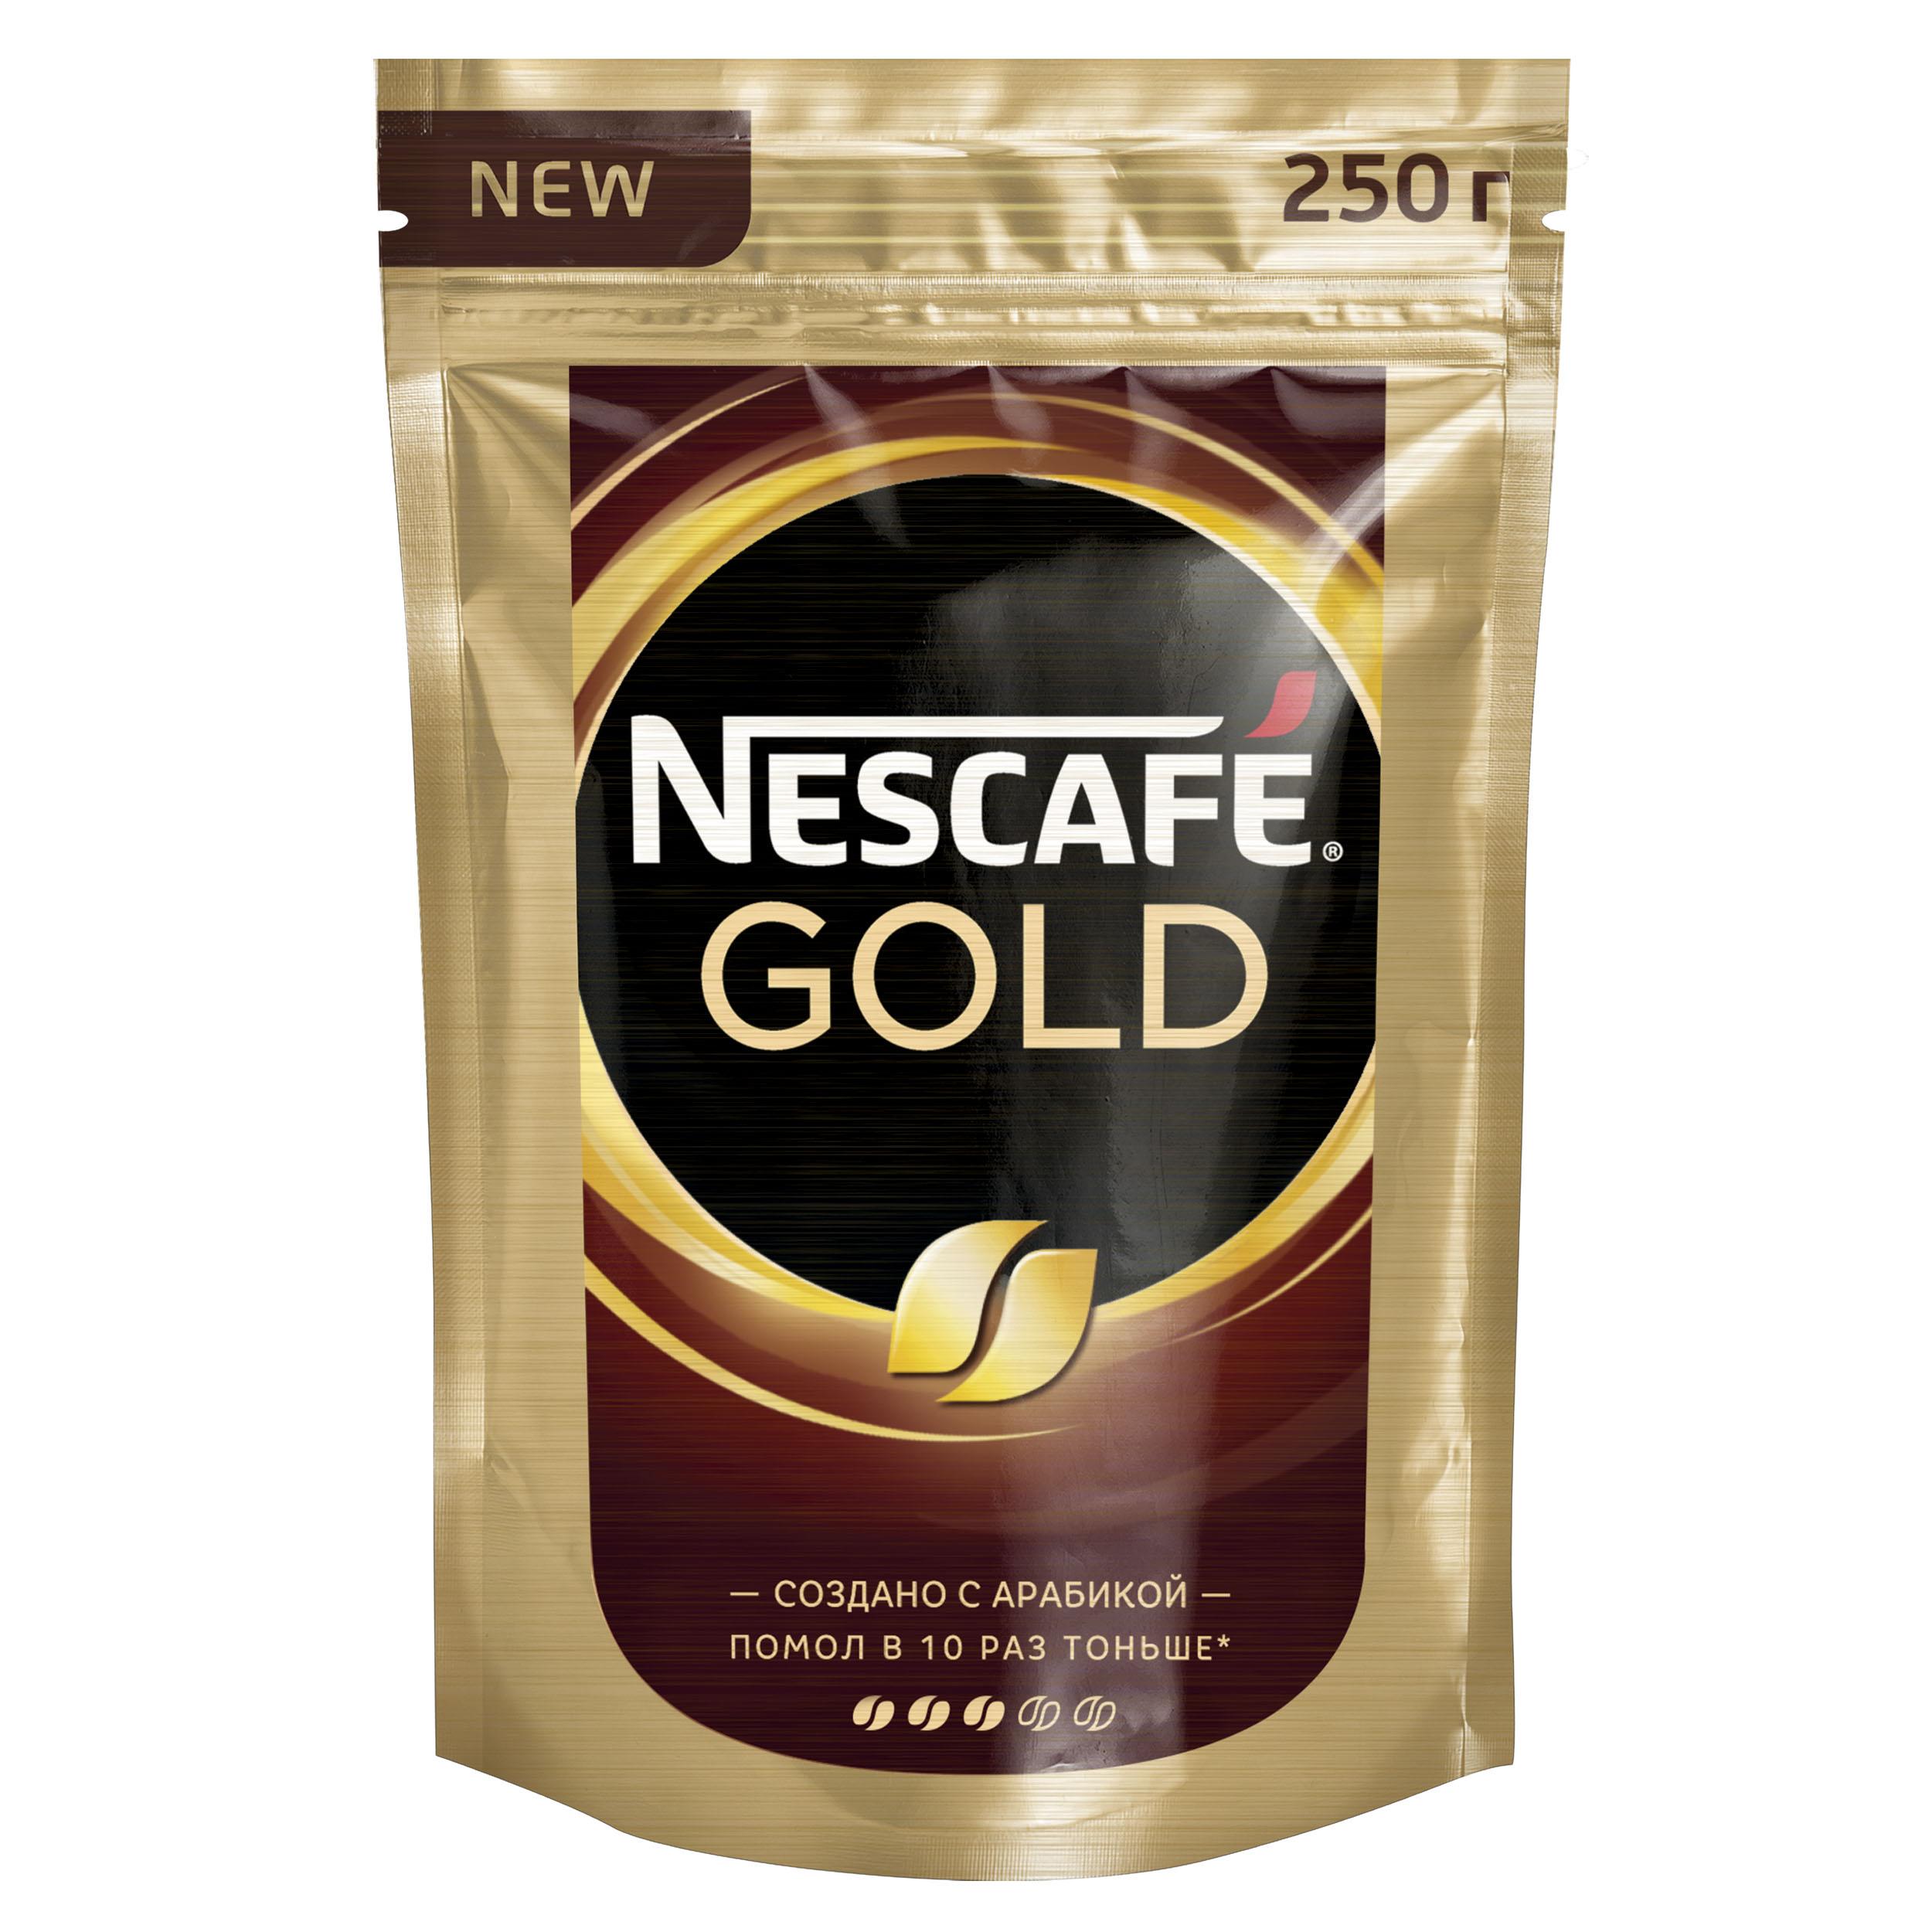 Кофе растворимый Nescafe gold 250 г